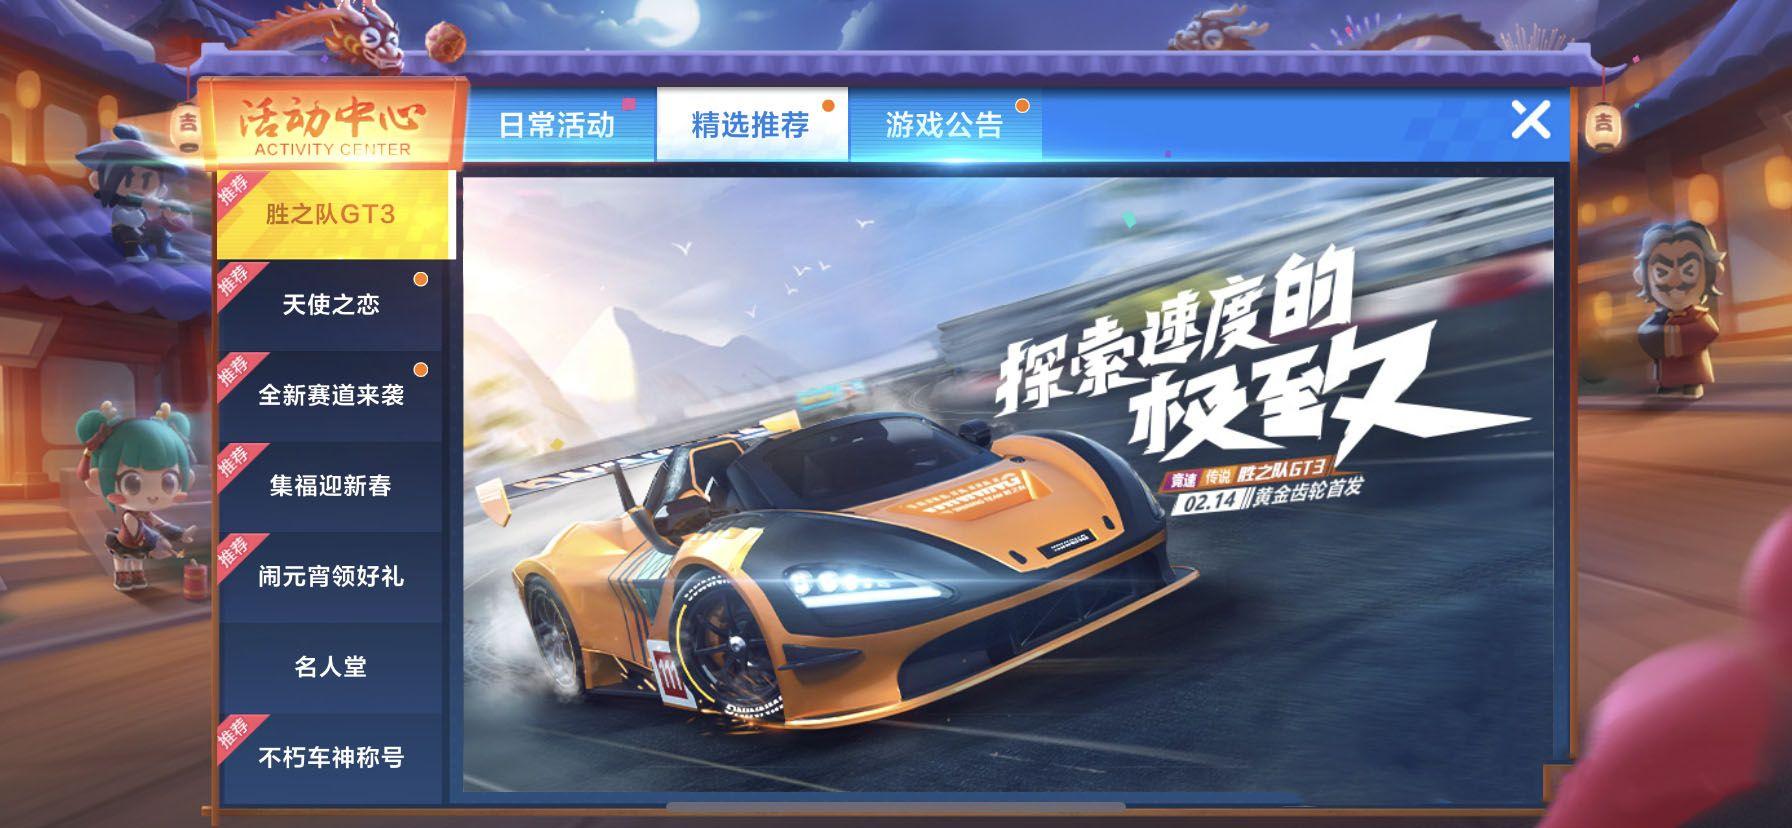 跑跑卡丁车手游胜之队GT3怎么获得?胜之队GT3获取方法[视频][多图]图片1